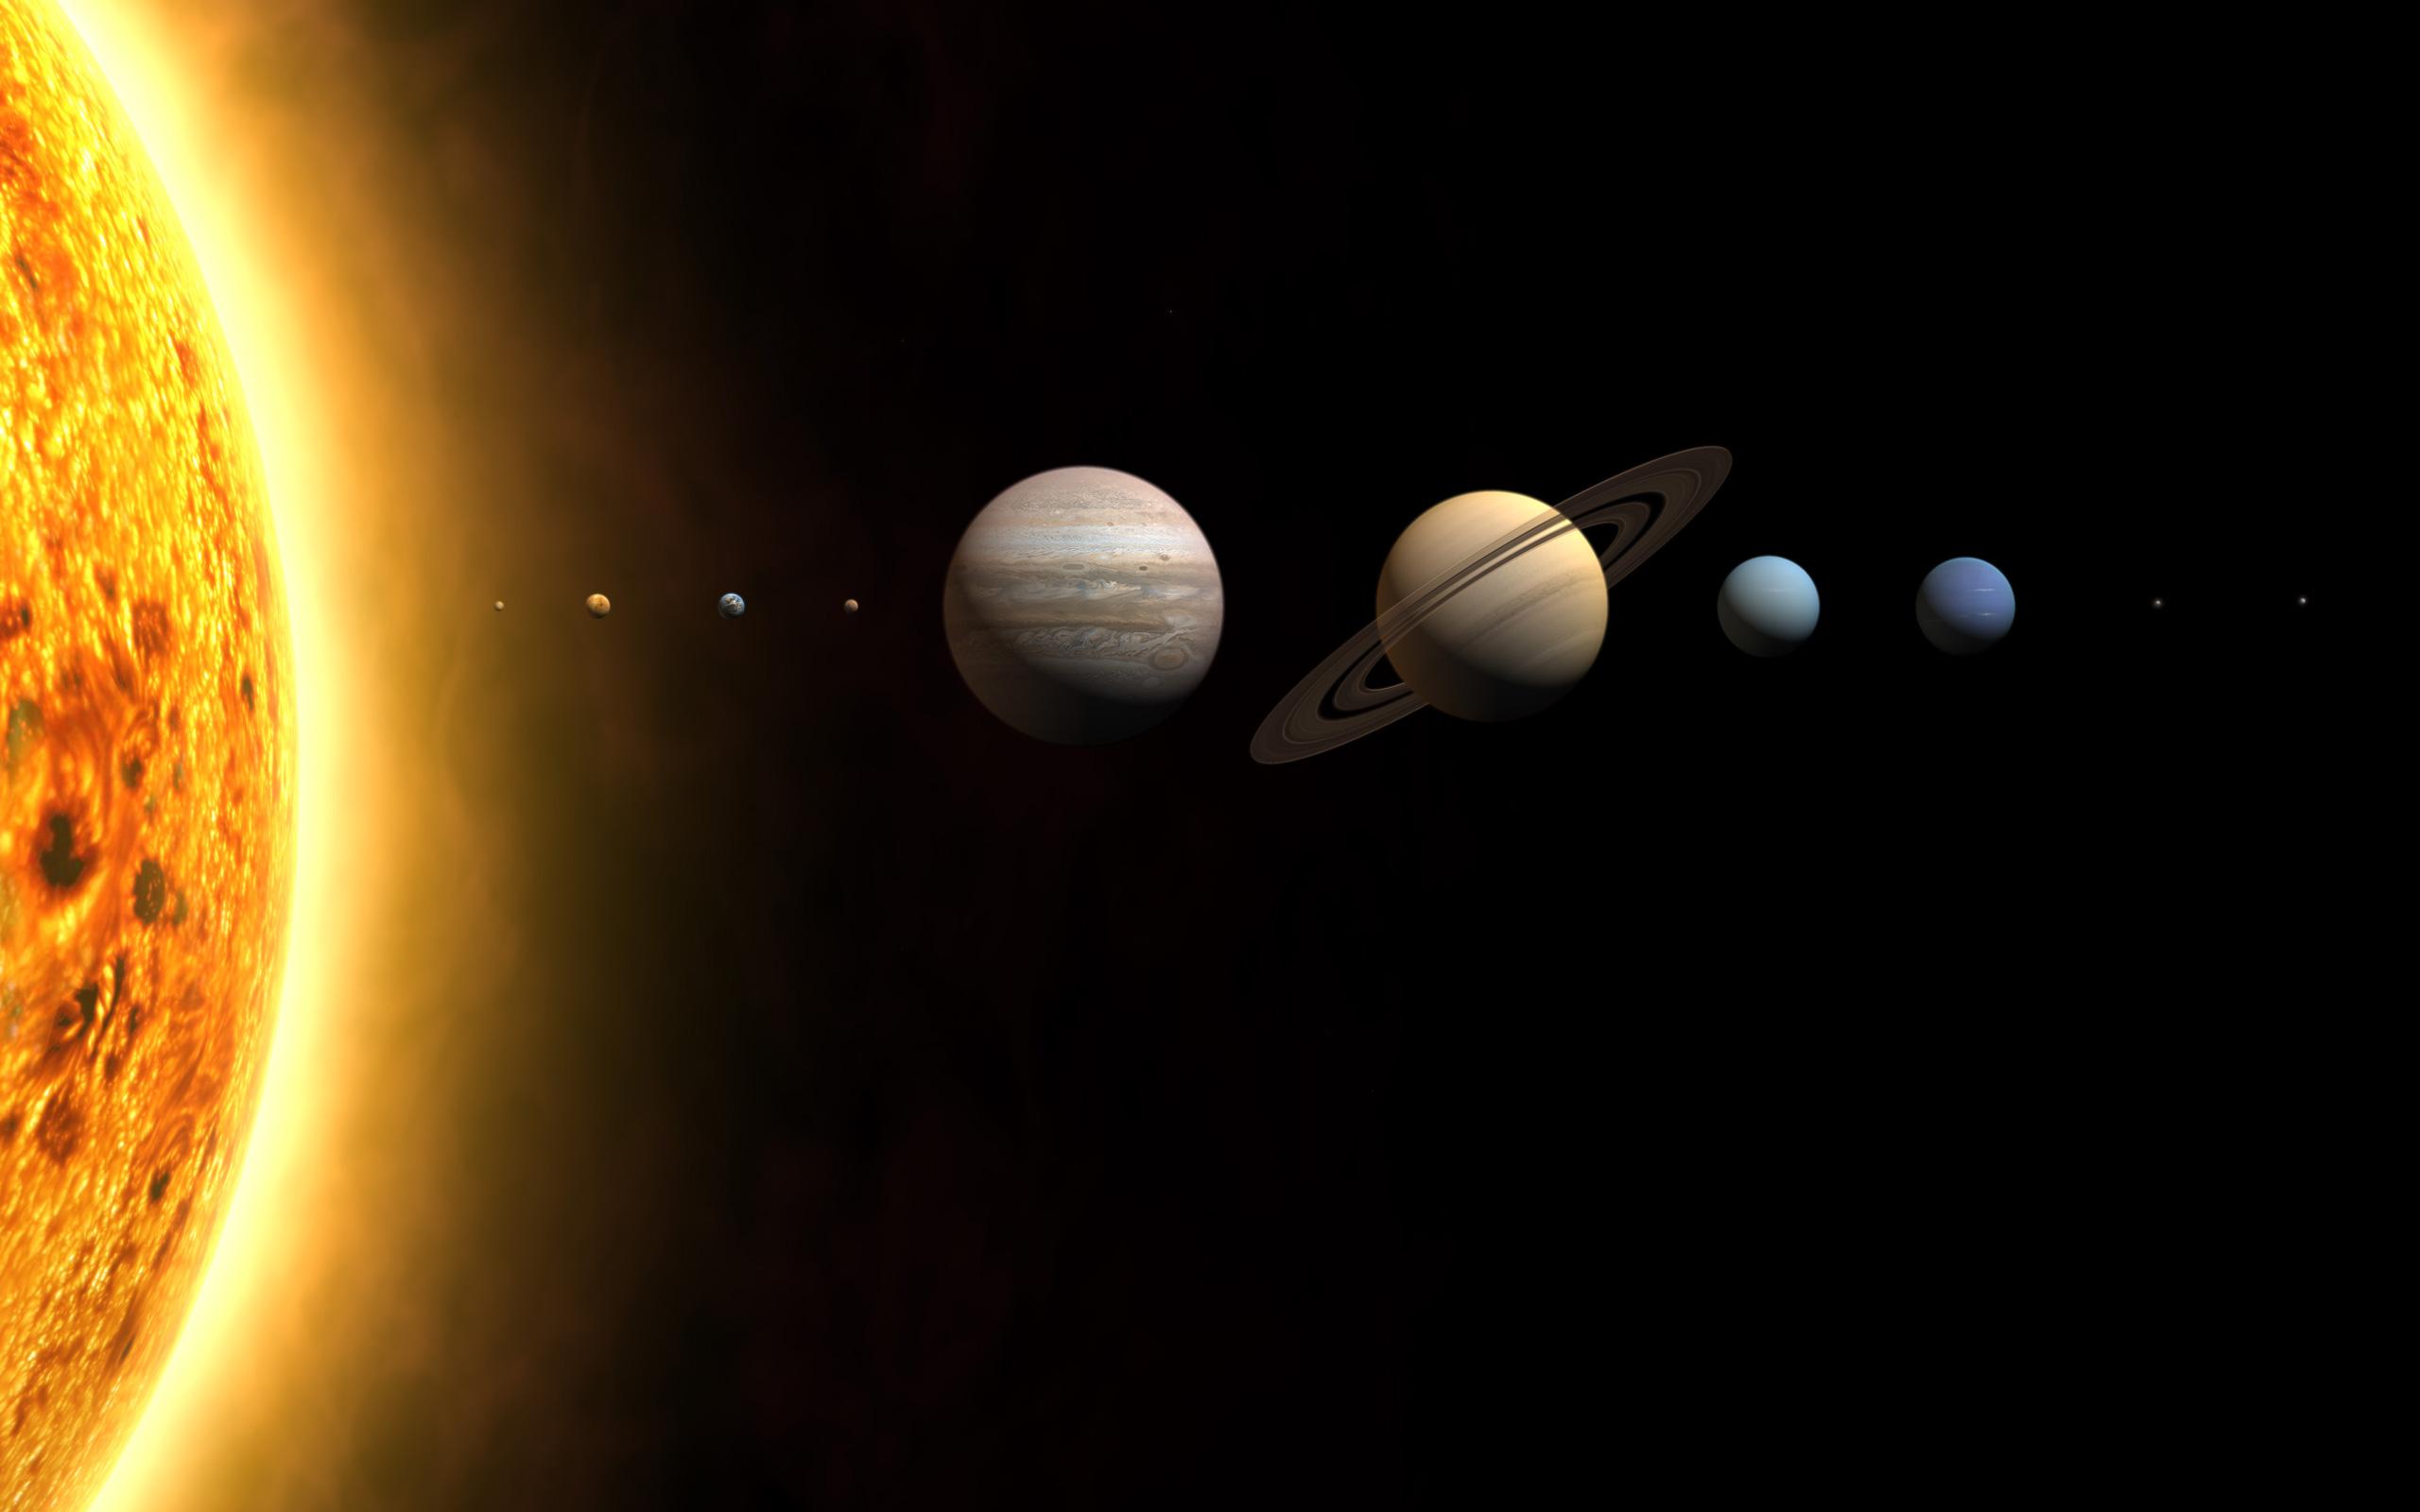 еще планеты по удаленности от солнца фото этой